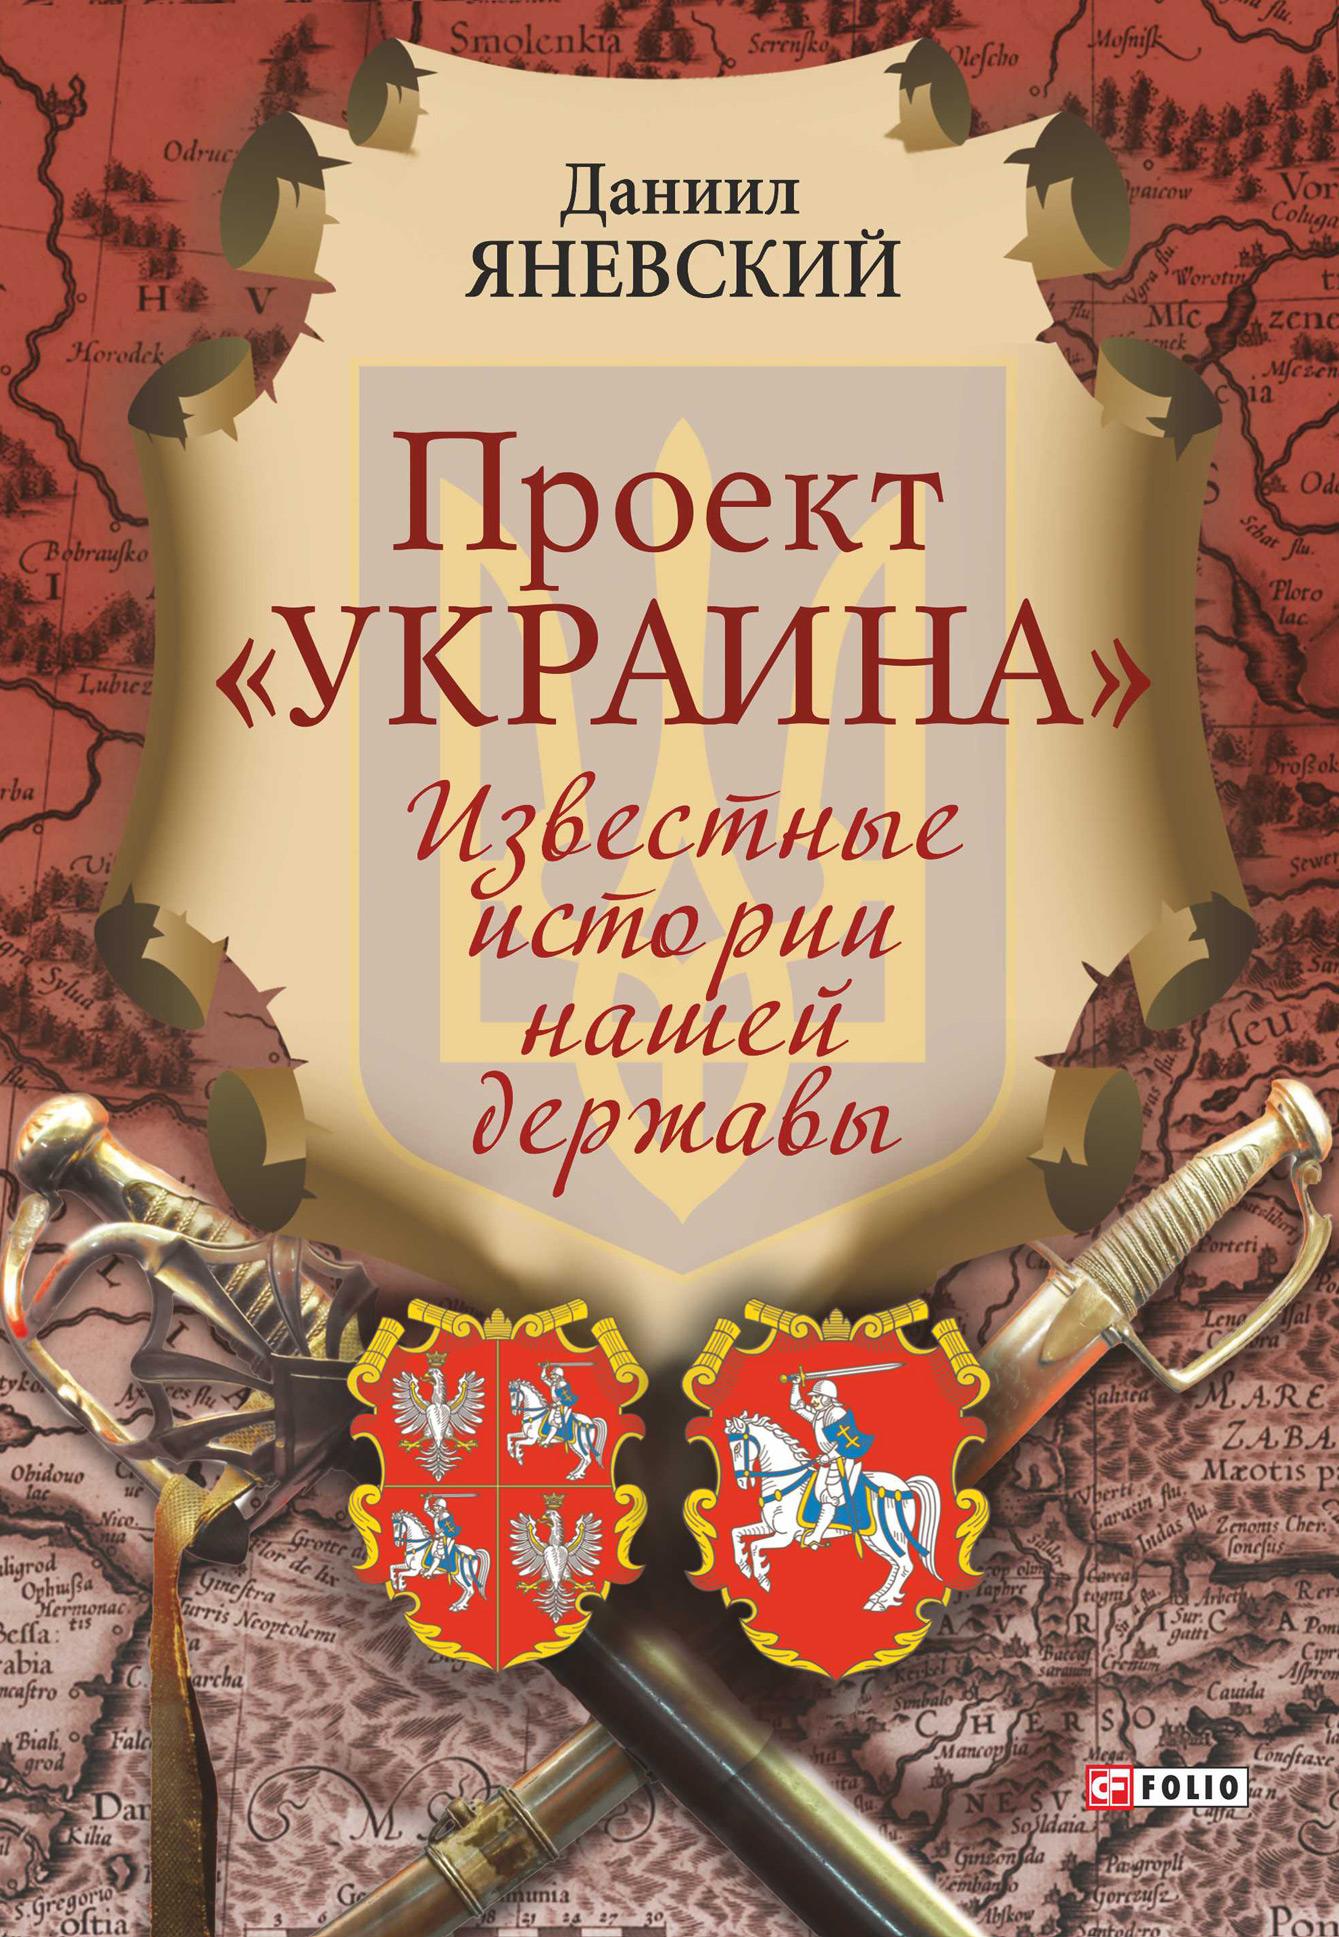 Даниил Яневский Проект «Украина». Известные истории нашей державы азаров н украина от переворота до выборов